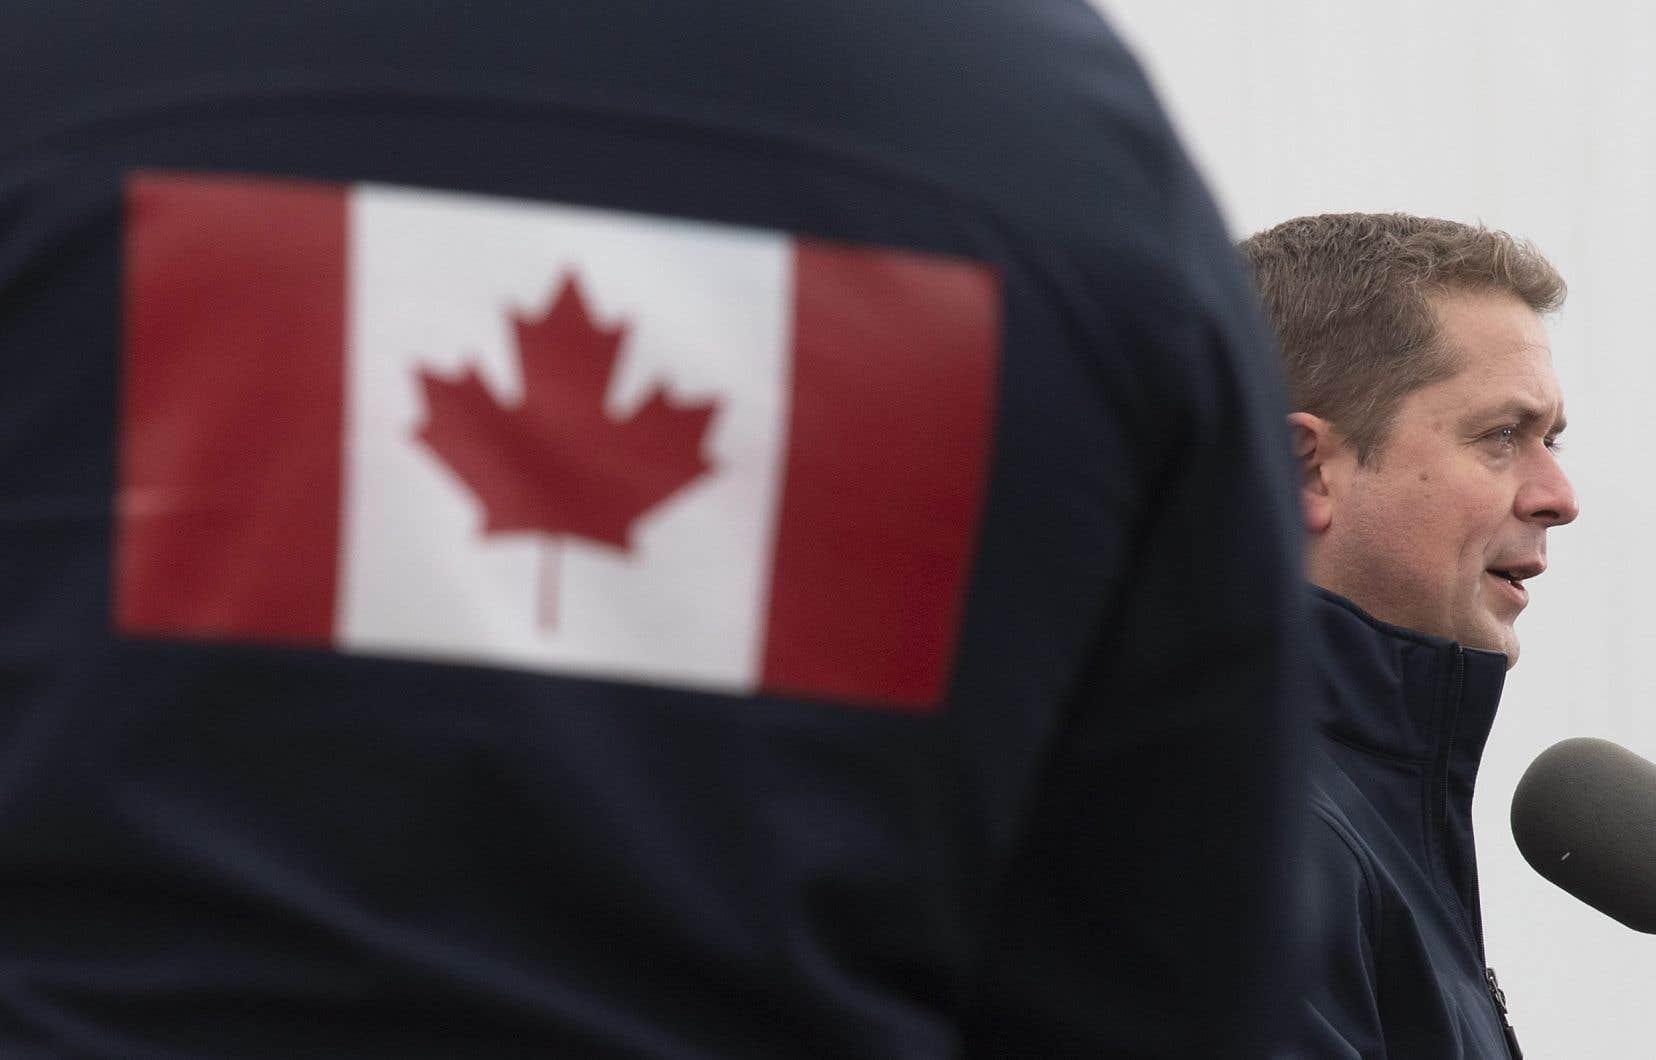 Le chef conservateur, Andrew Scheer, a prononcé un discours devant ses partisans à Brampton, en Ontario, jeudi.